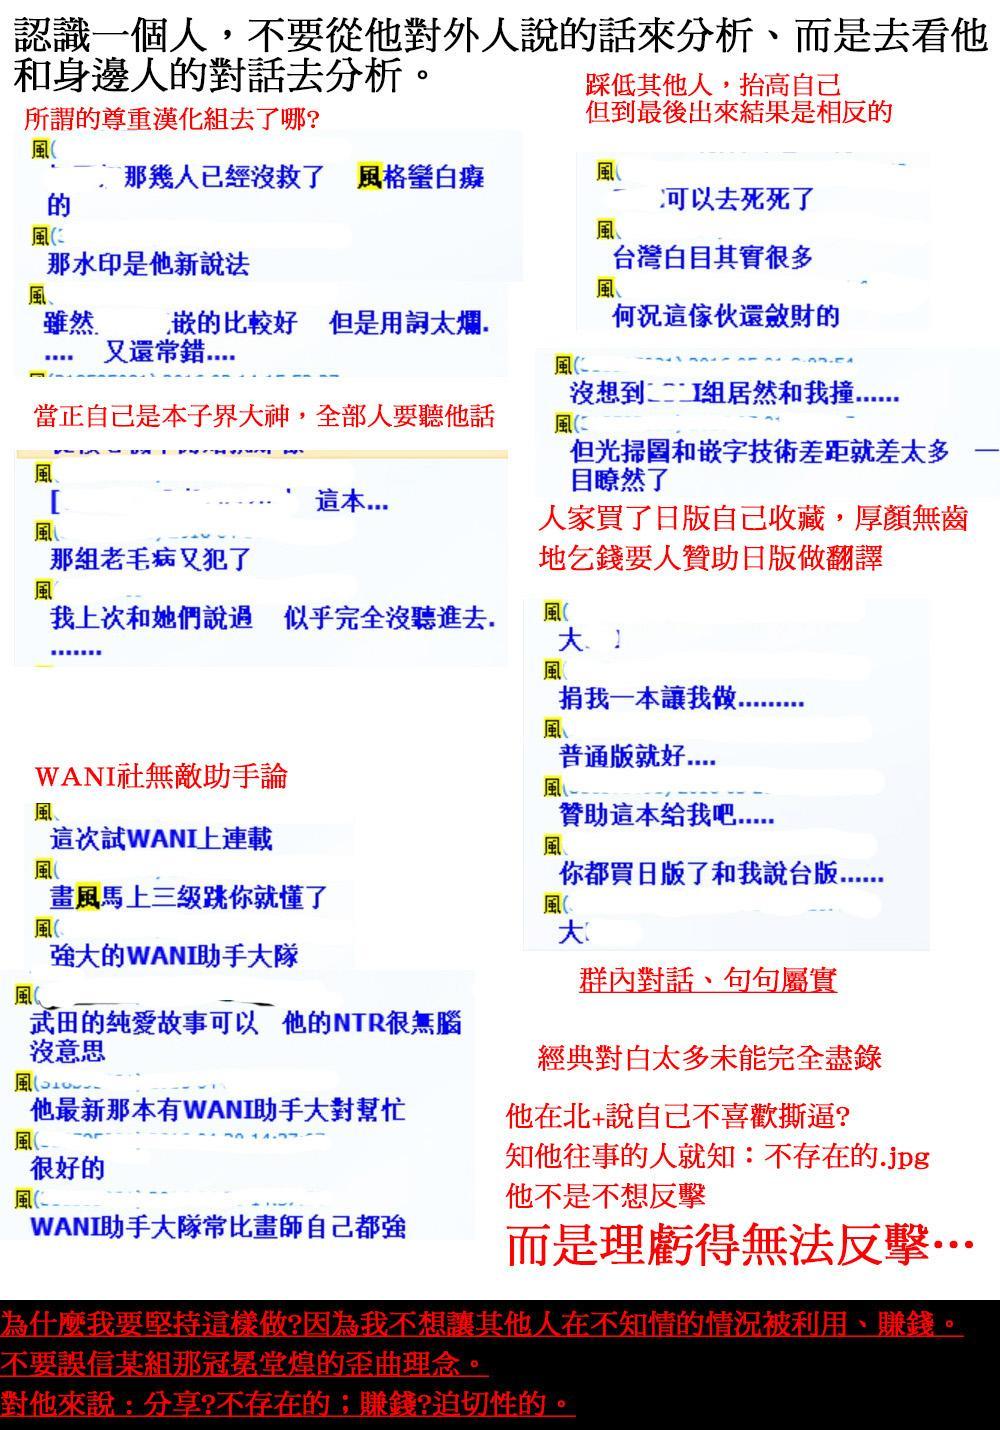 [Marneko] Onnanoko Supple ~Seitenkan Shite Hoken no Jugyou~   女孩子補給品 性轉換之後保健的授業 [Chinese] 185